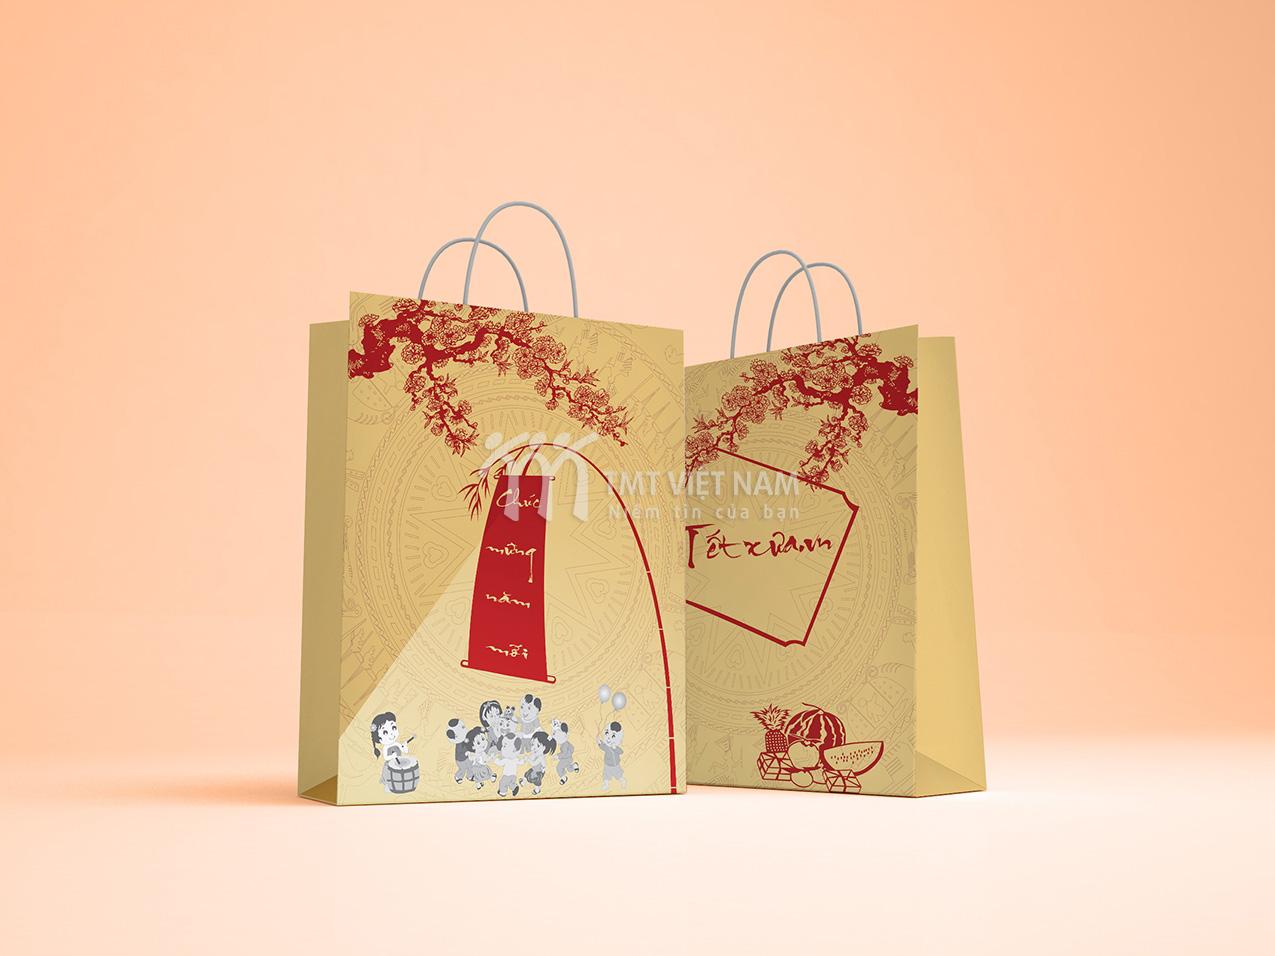 Sản phẩm túi giấy - túi đựng quà tết